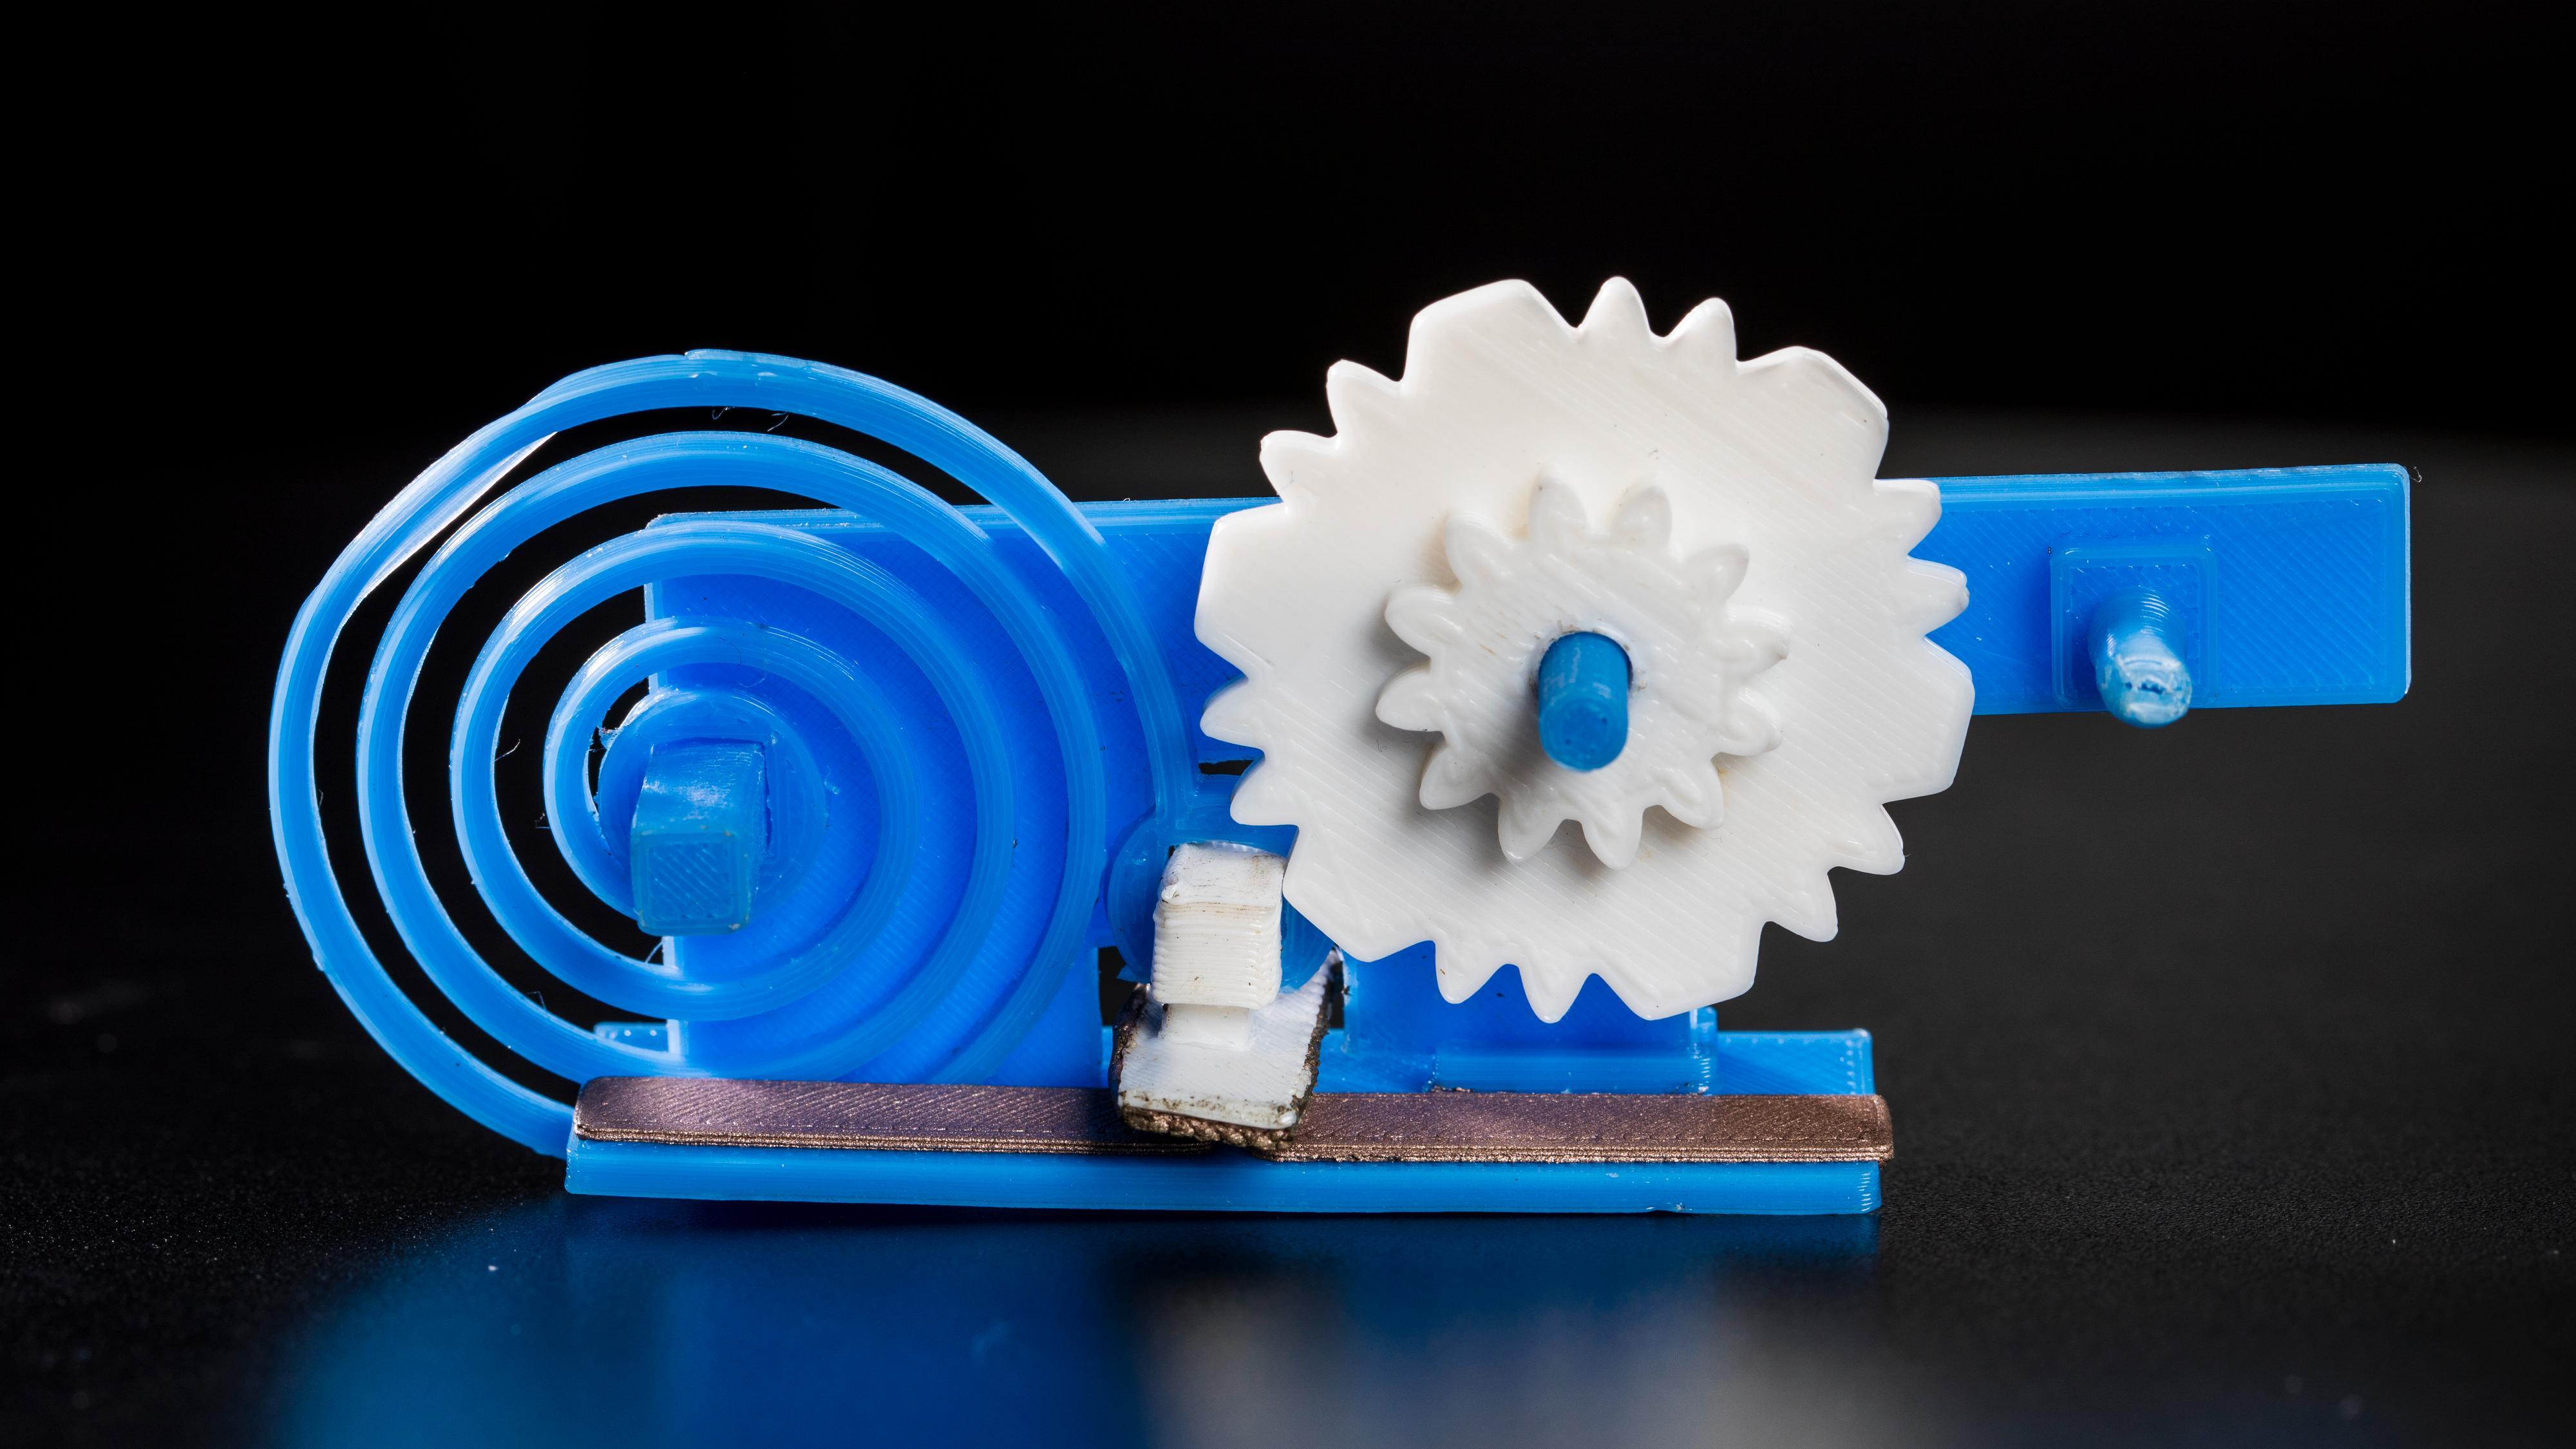 Denne 3D-skrevne plastdingsen kan kobles på nettet – uten batteri og elektronikk